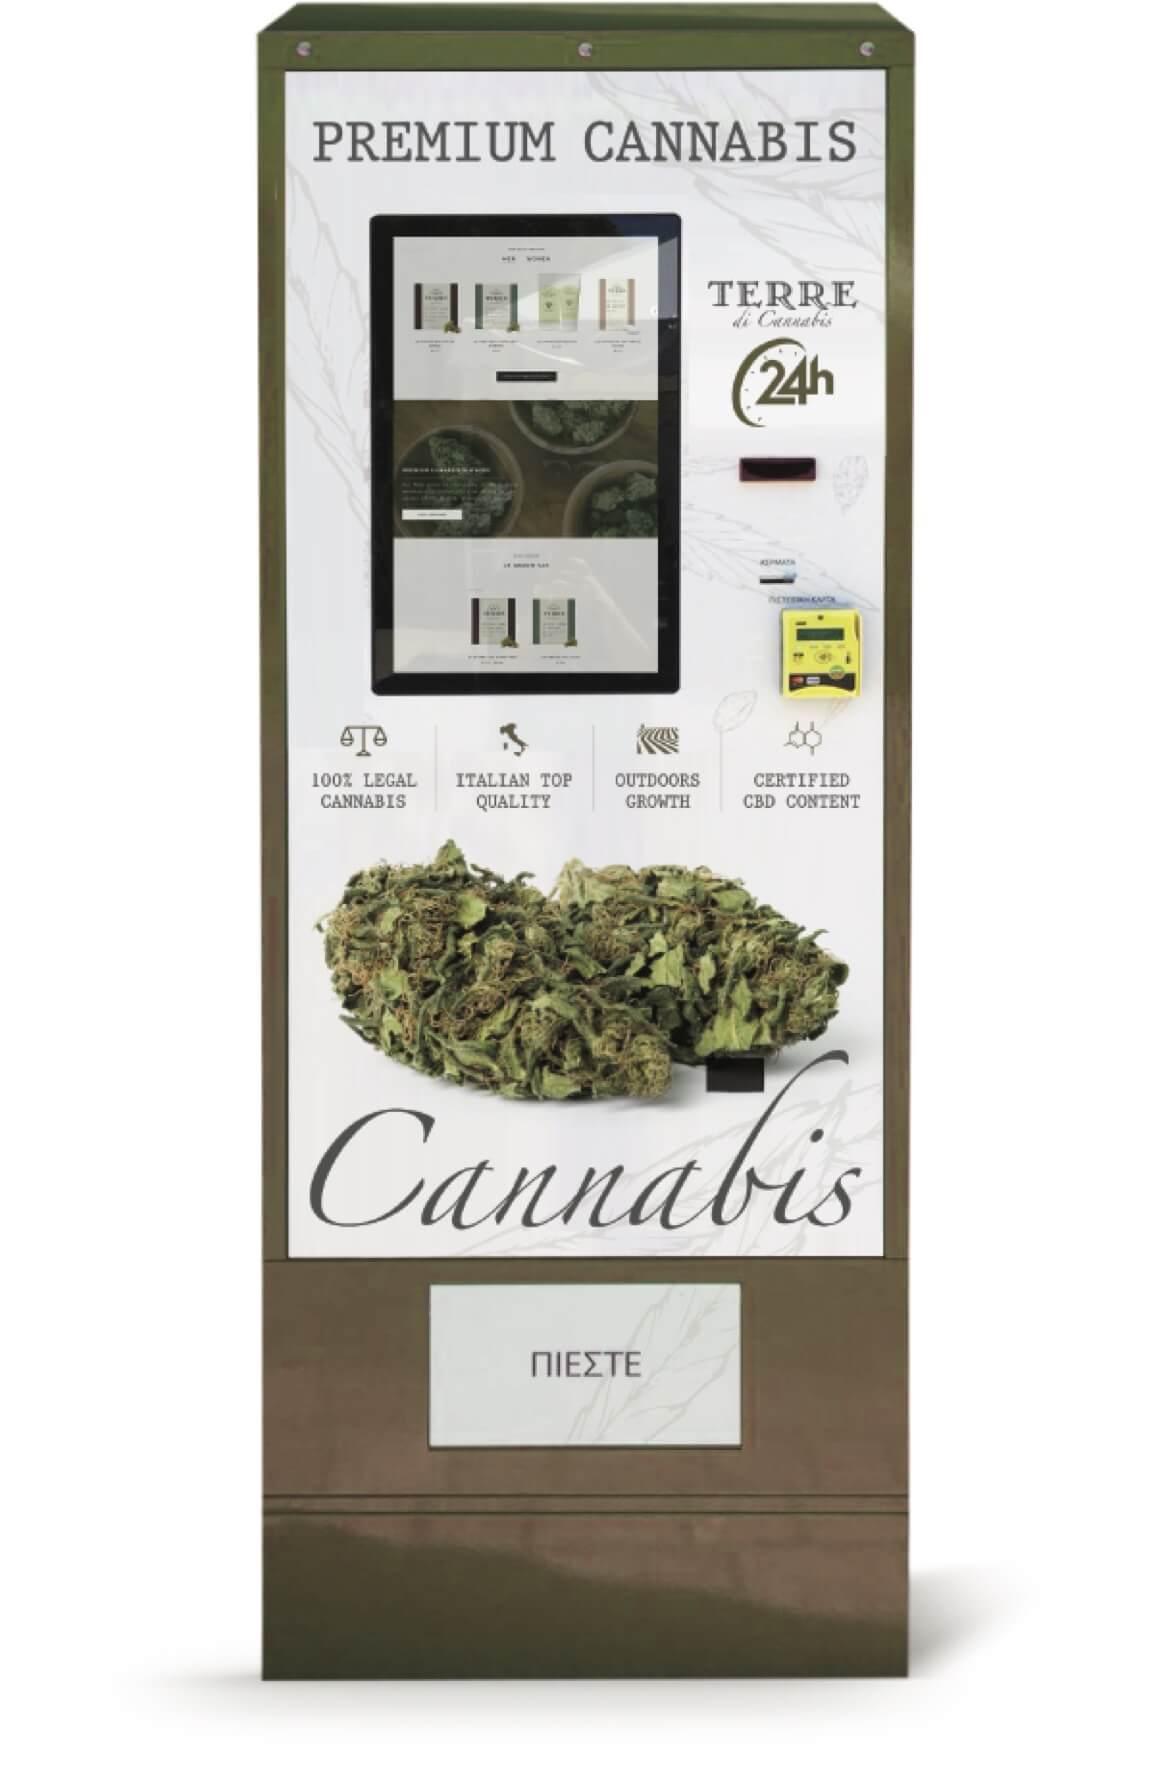 Terre di Cannabis 24h ATIM flowers